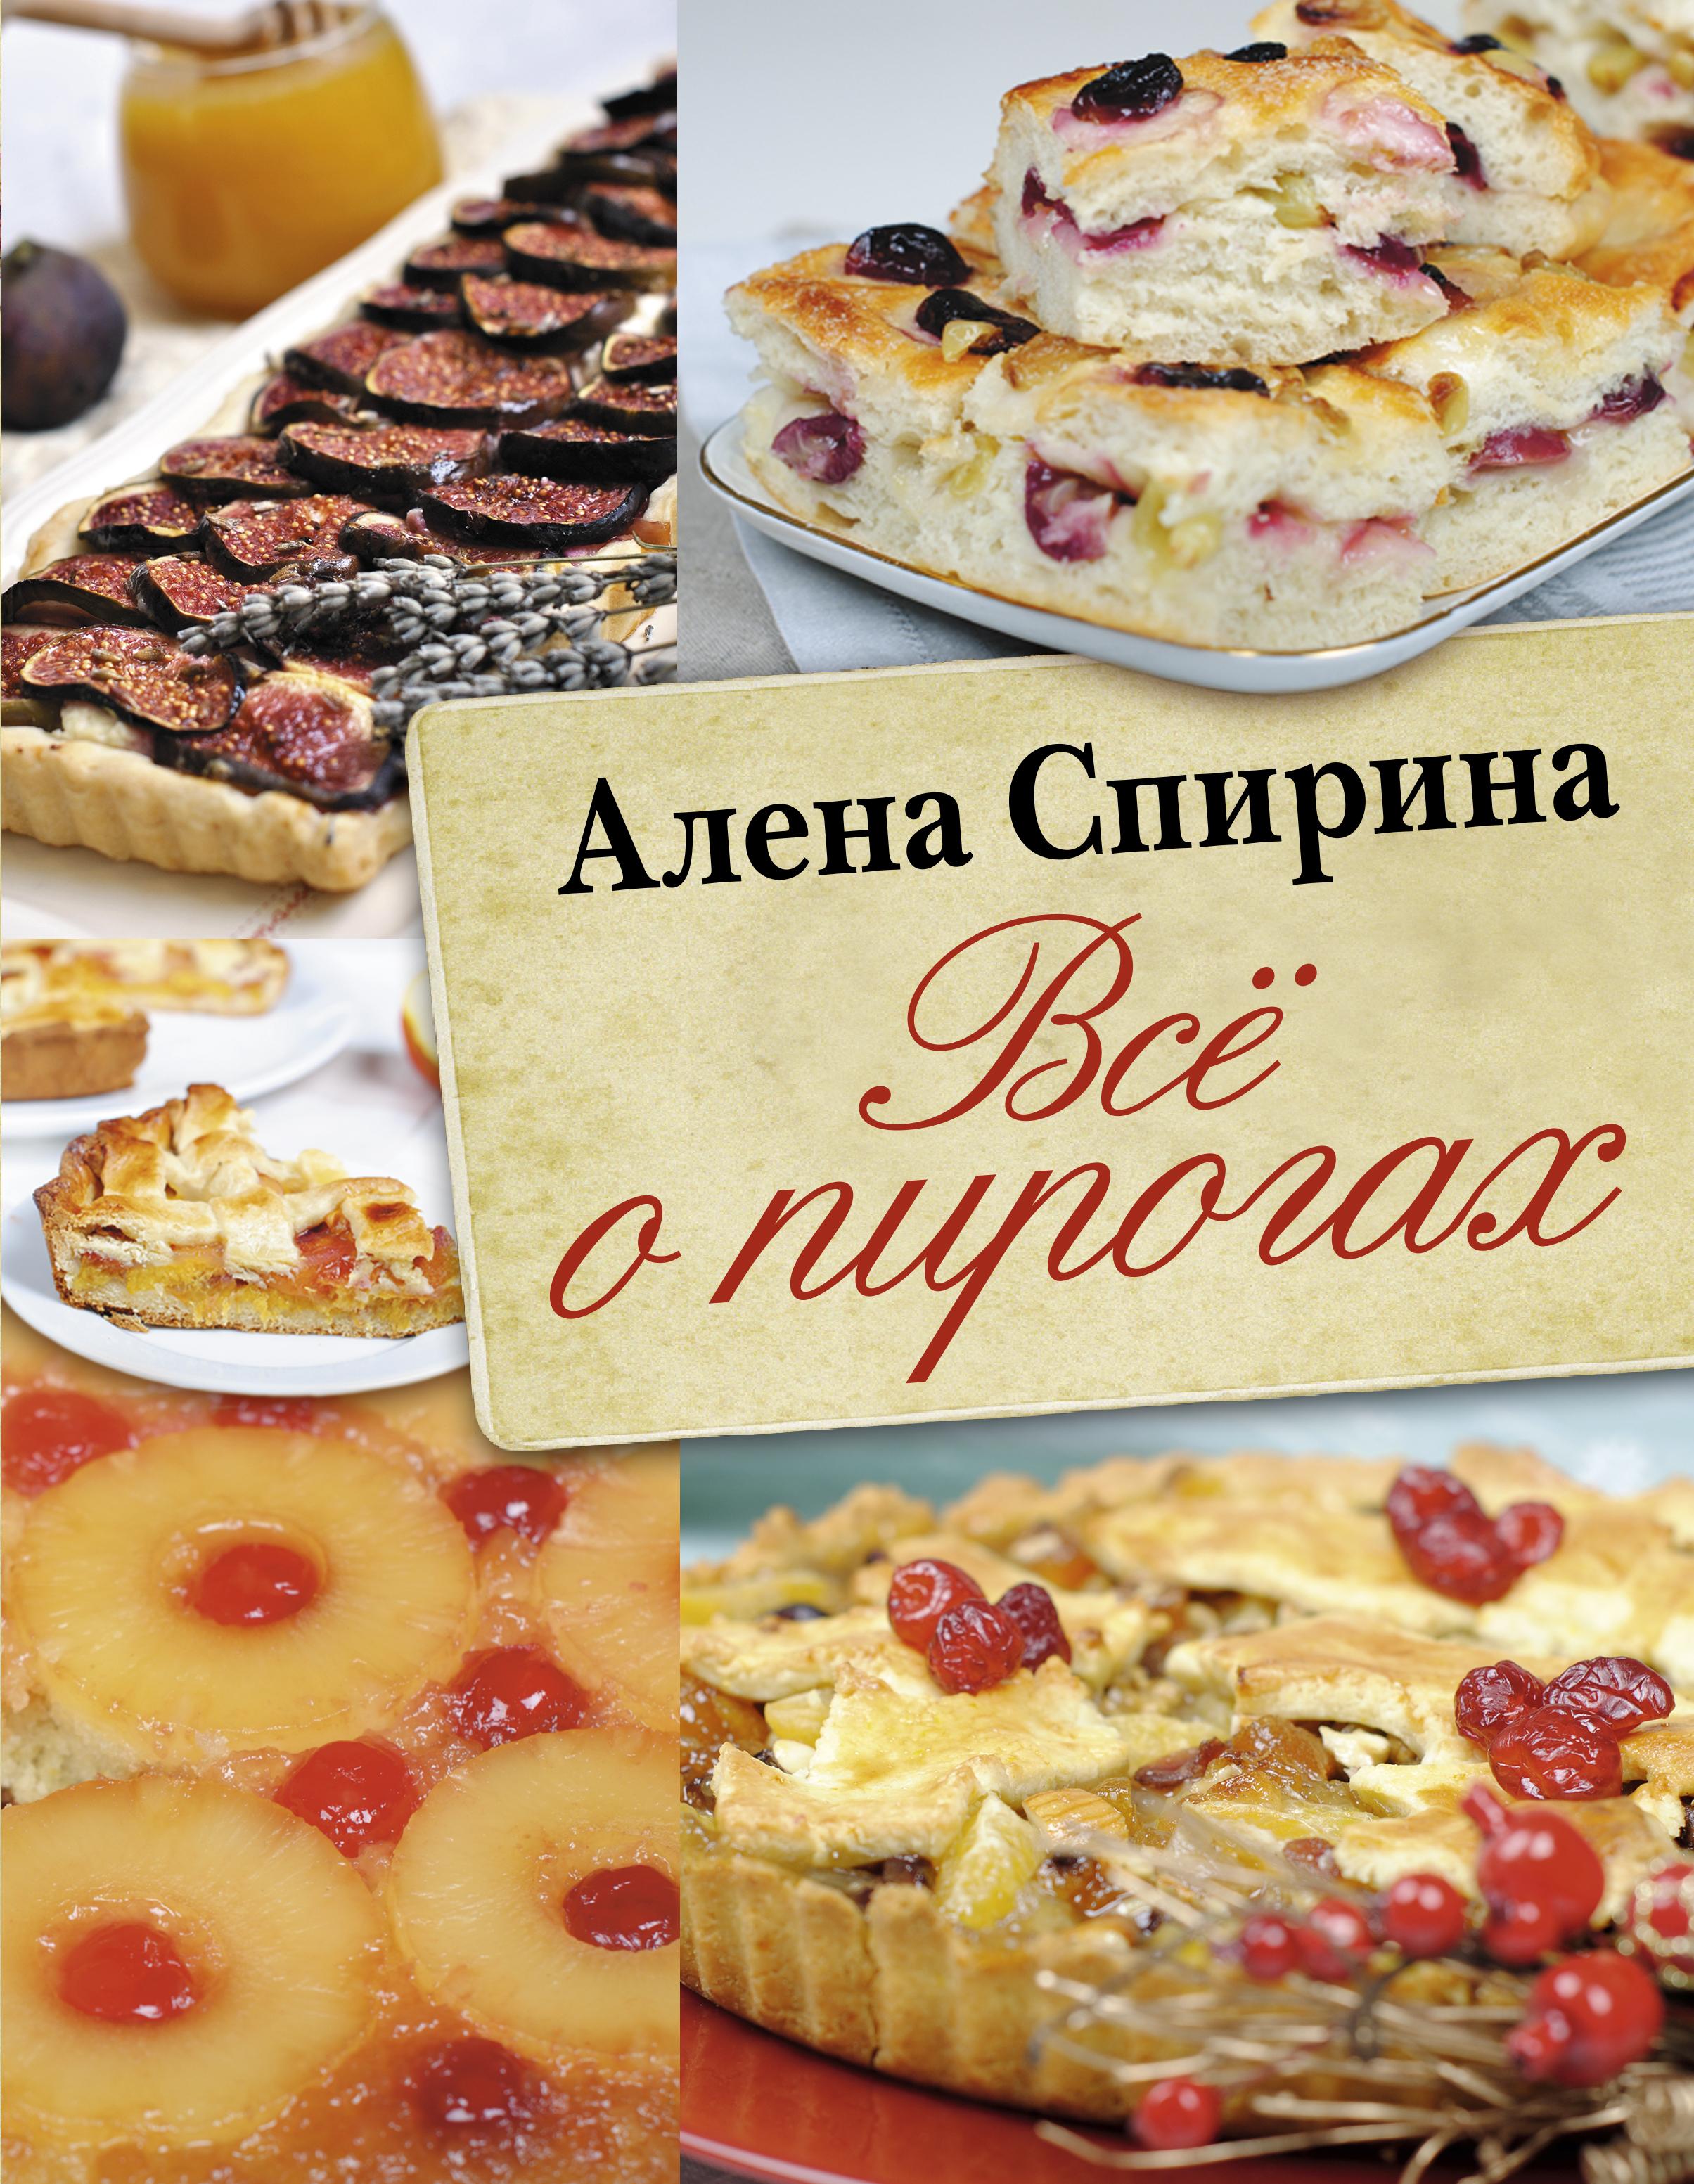 Спирина А. Всё о пирогах что можно купить в каире